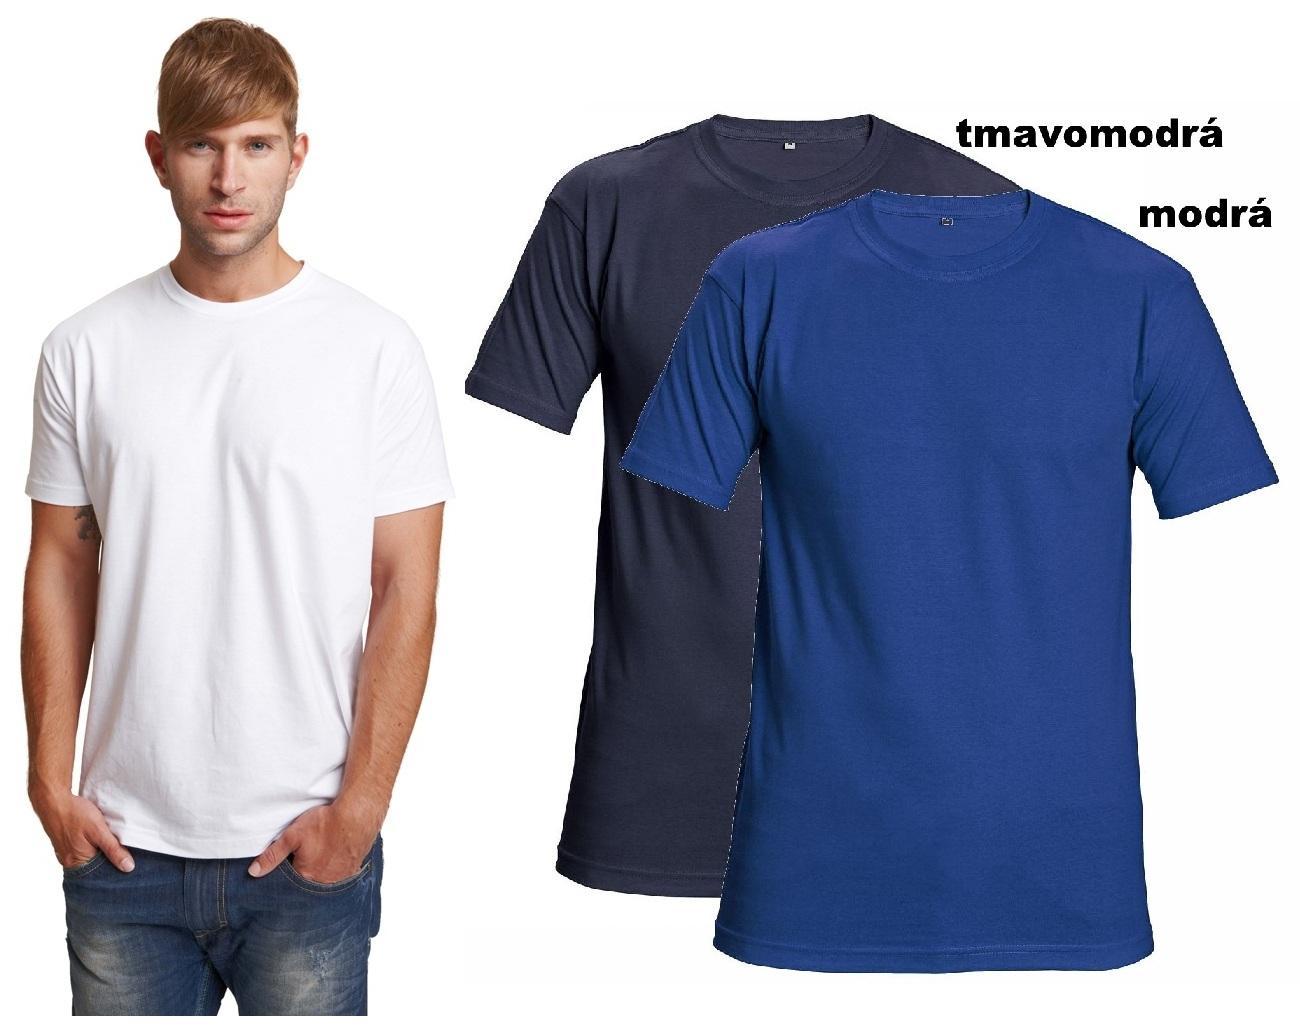 7a97a3fdd5d63 Pracovné odevy - Tričko nadrozmerné 4XL TEESTA ČERVA 160g/m2